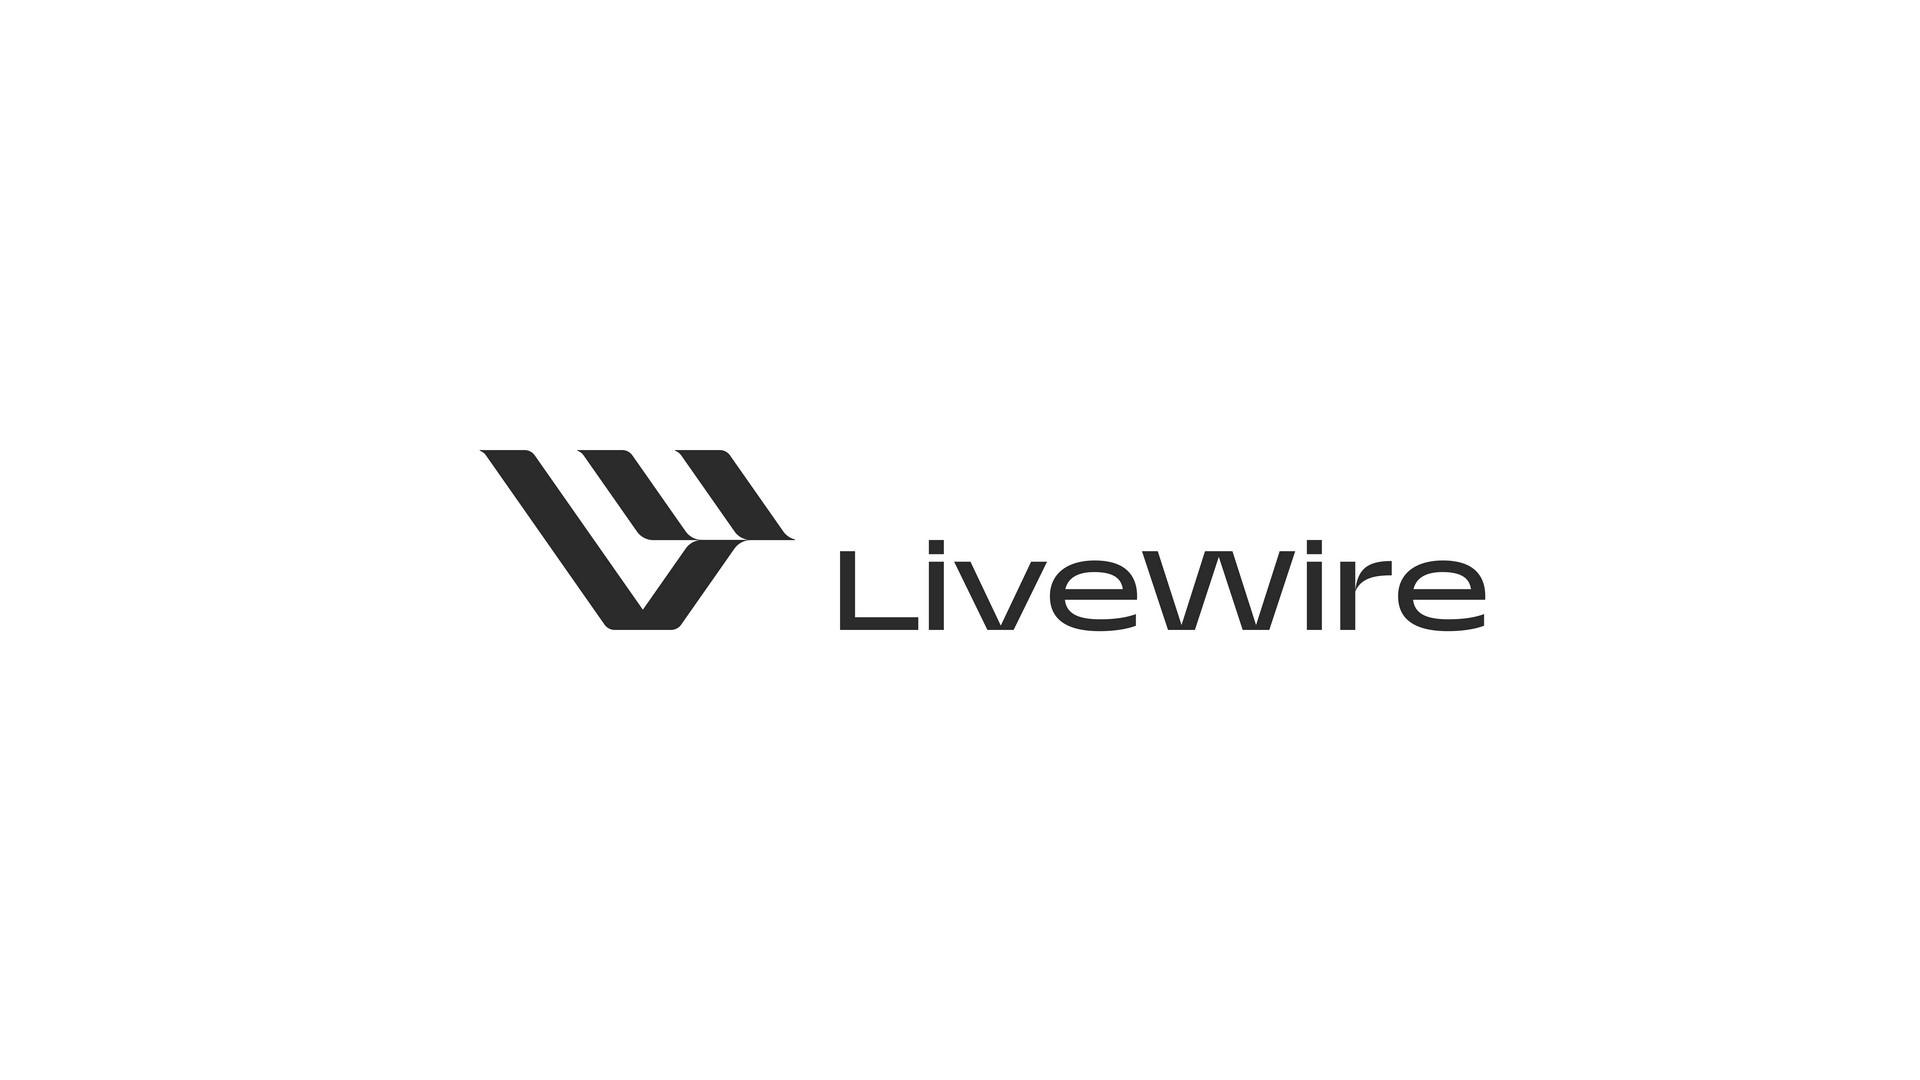 รูปภาพนี้มี Alt แอตทริบิวต์เป็นค่าว่าง ชื่อไฟล์คือ LiveWire-2.jpg